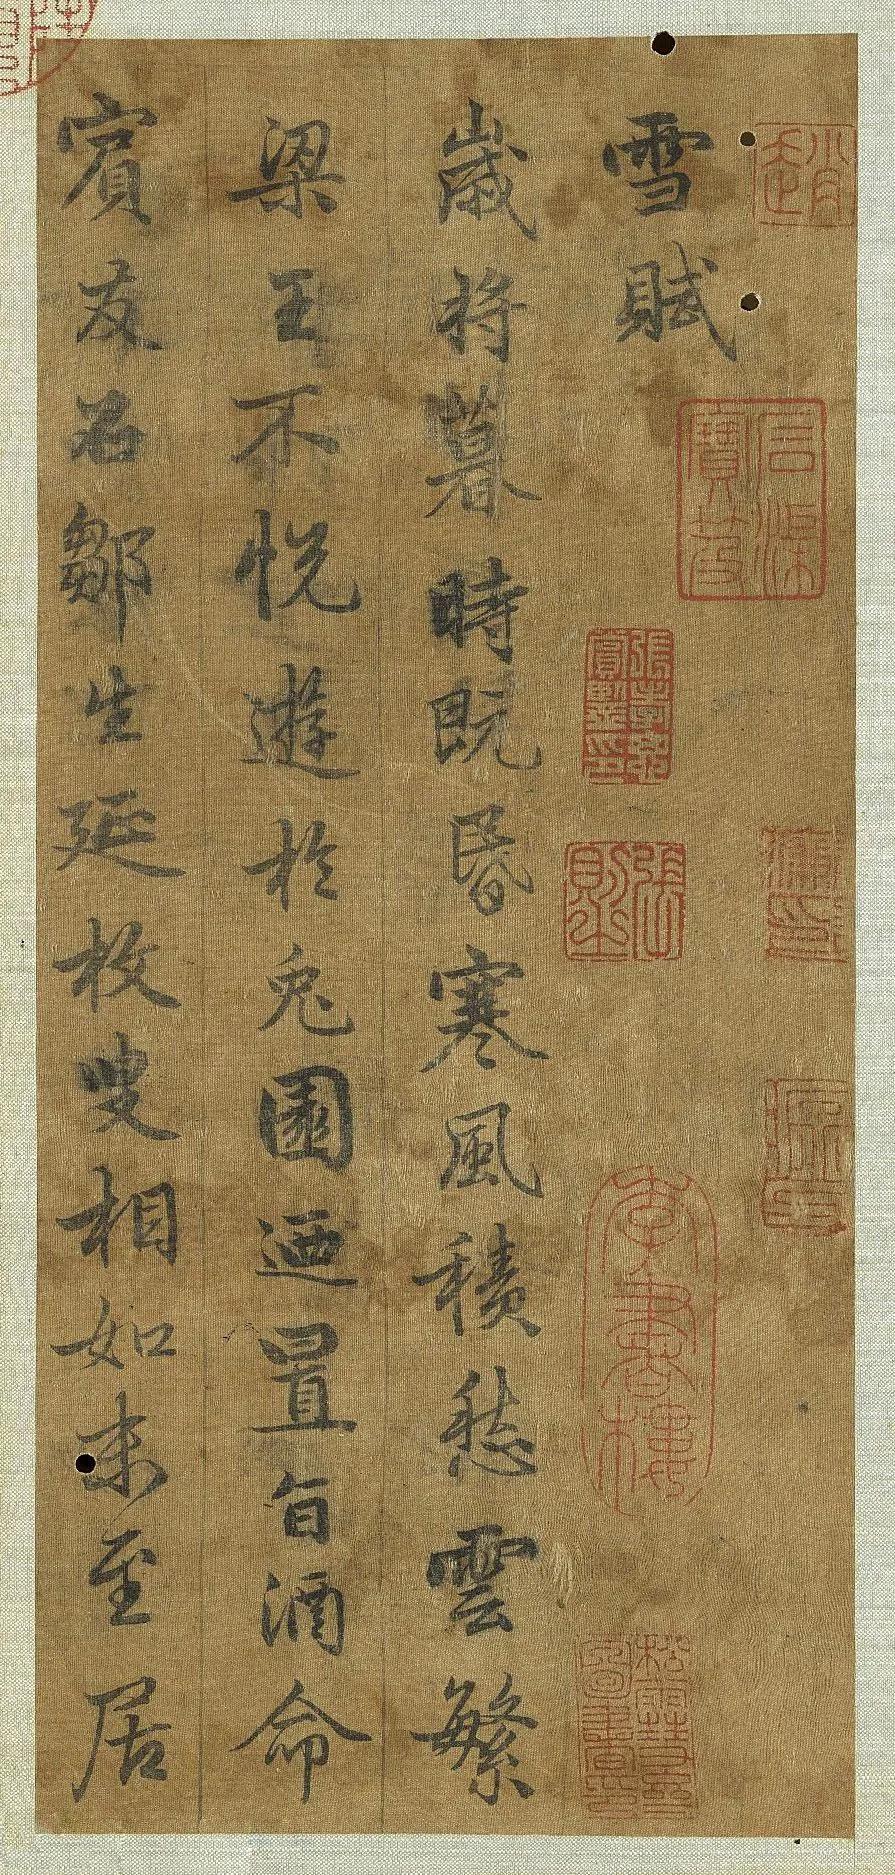 赵孟頫 行书《雪赋》册页